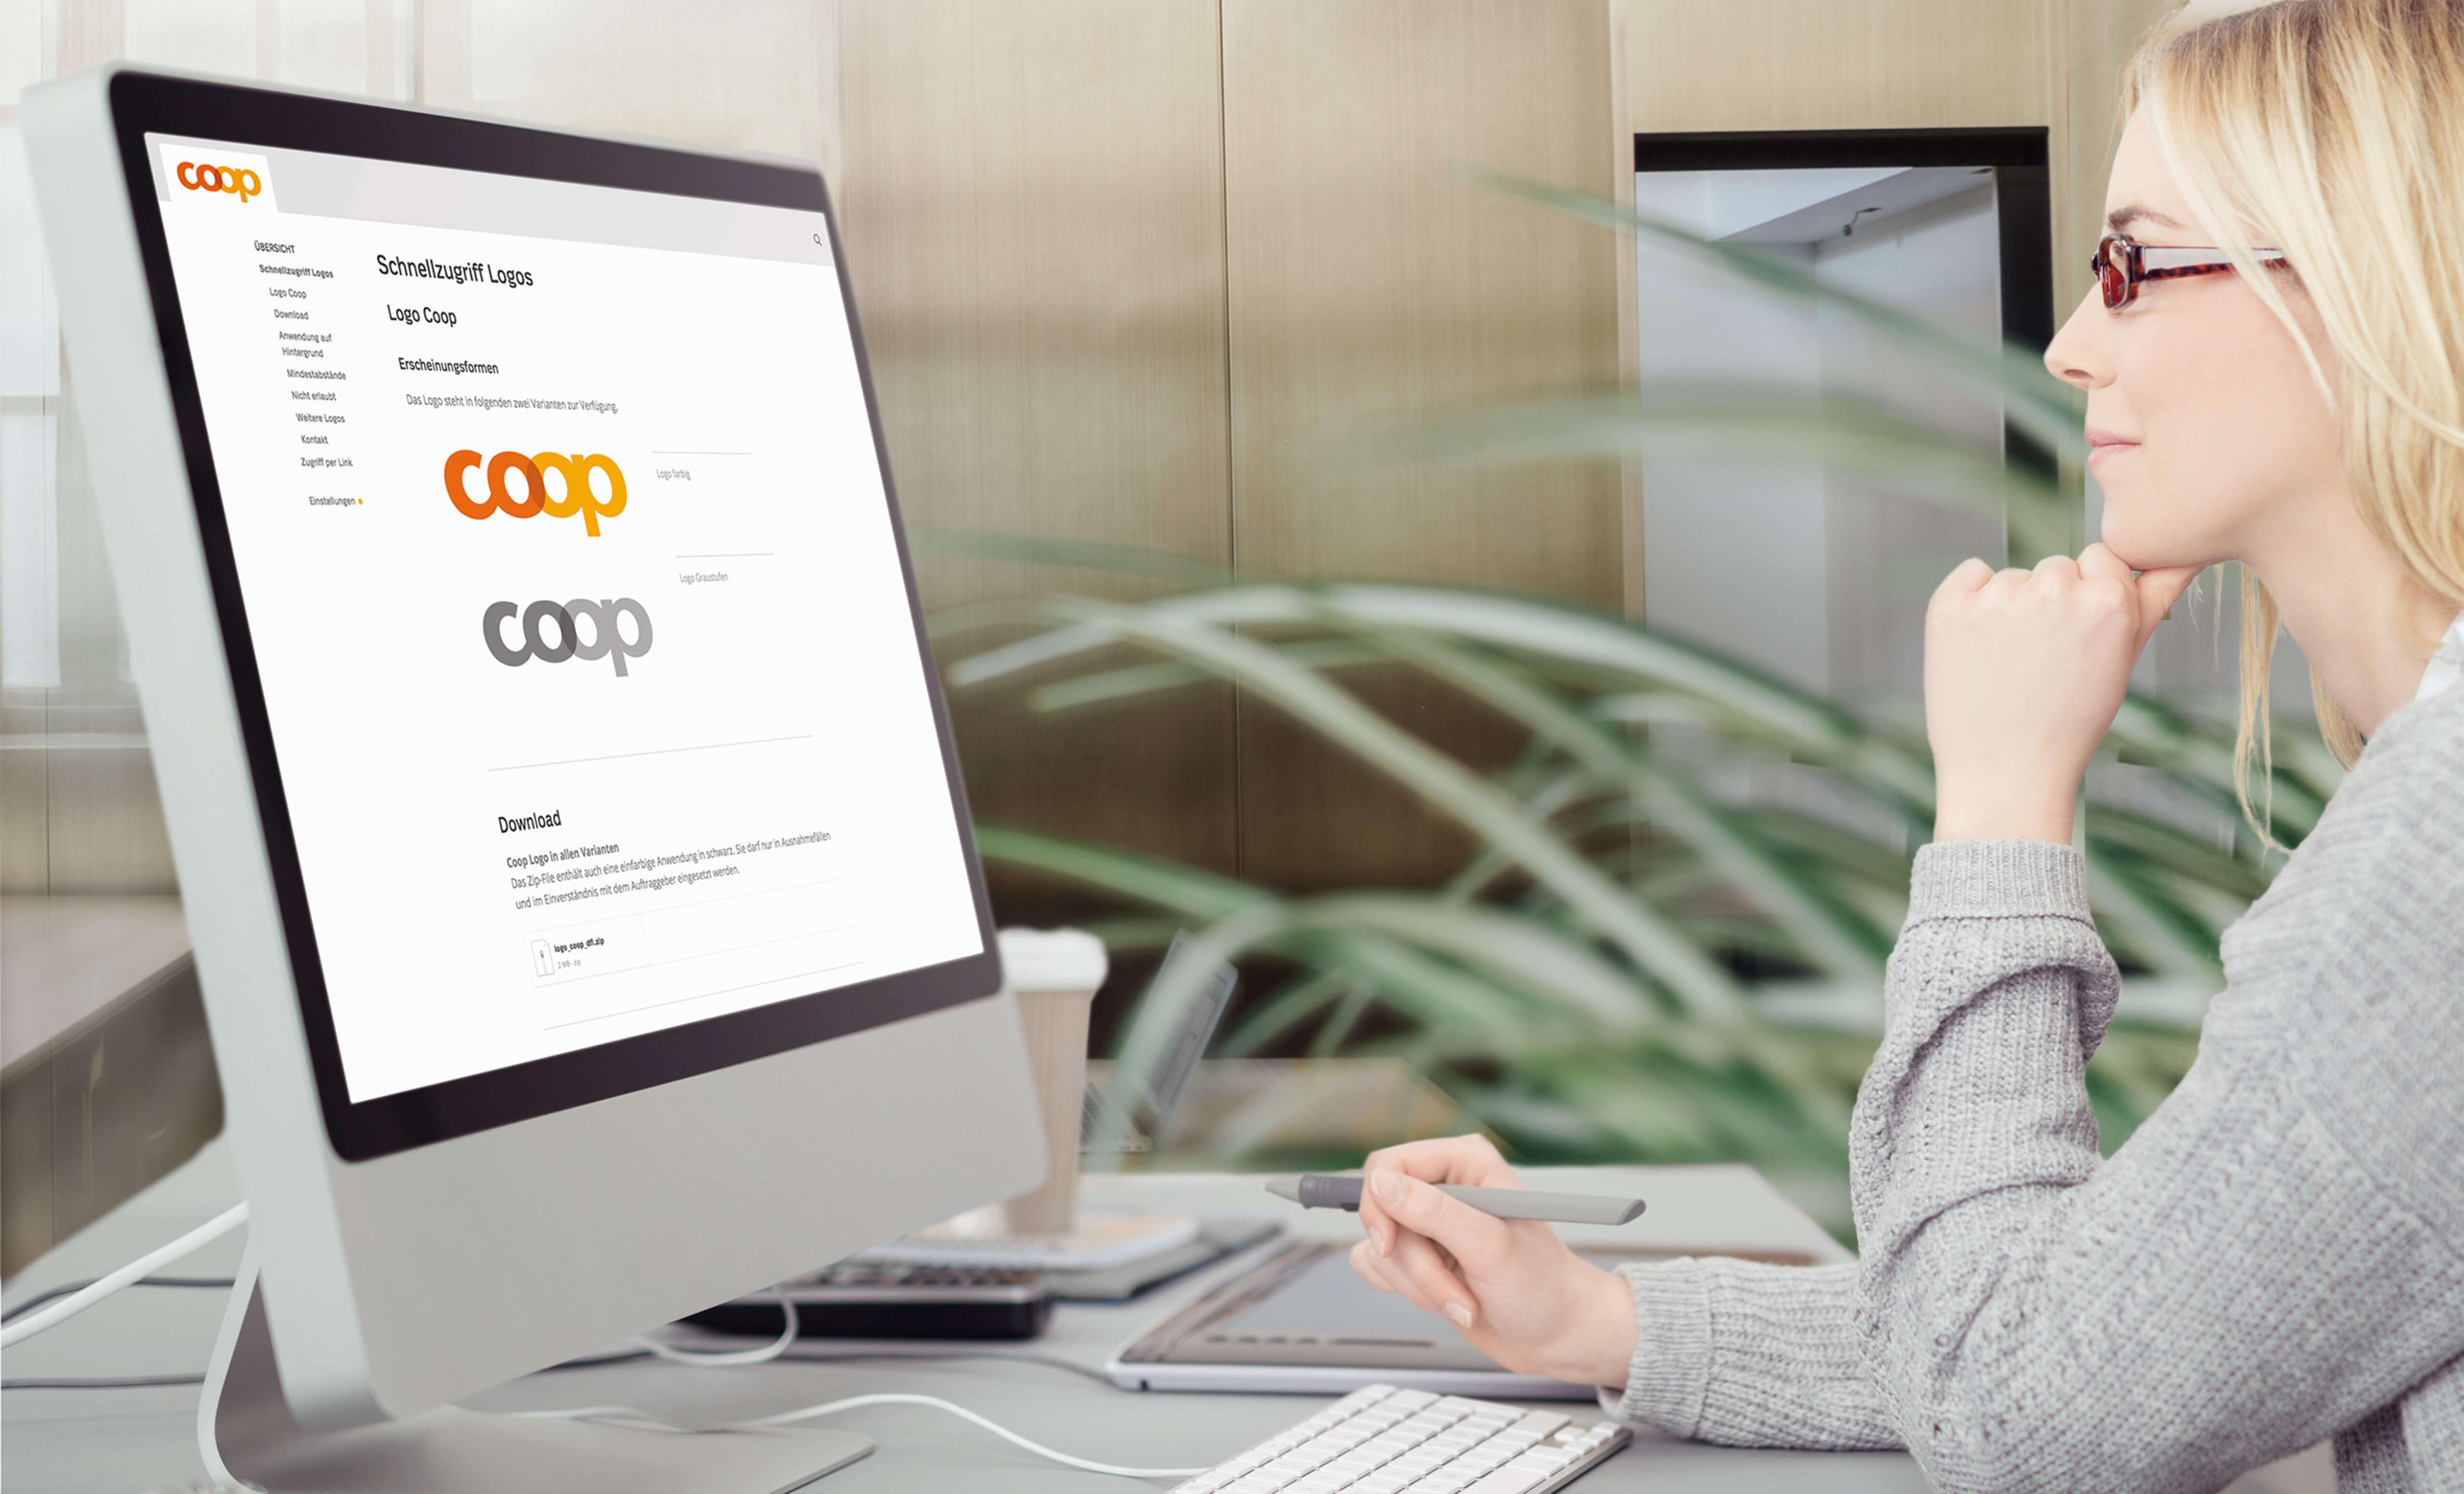 Schnellzugriff zum Download des Coop-Logos